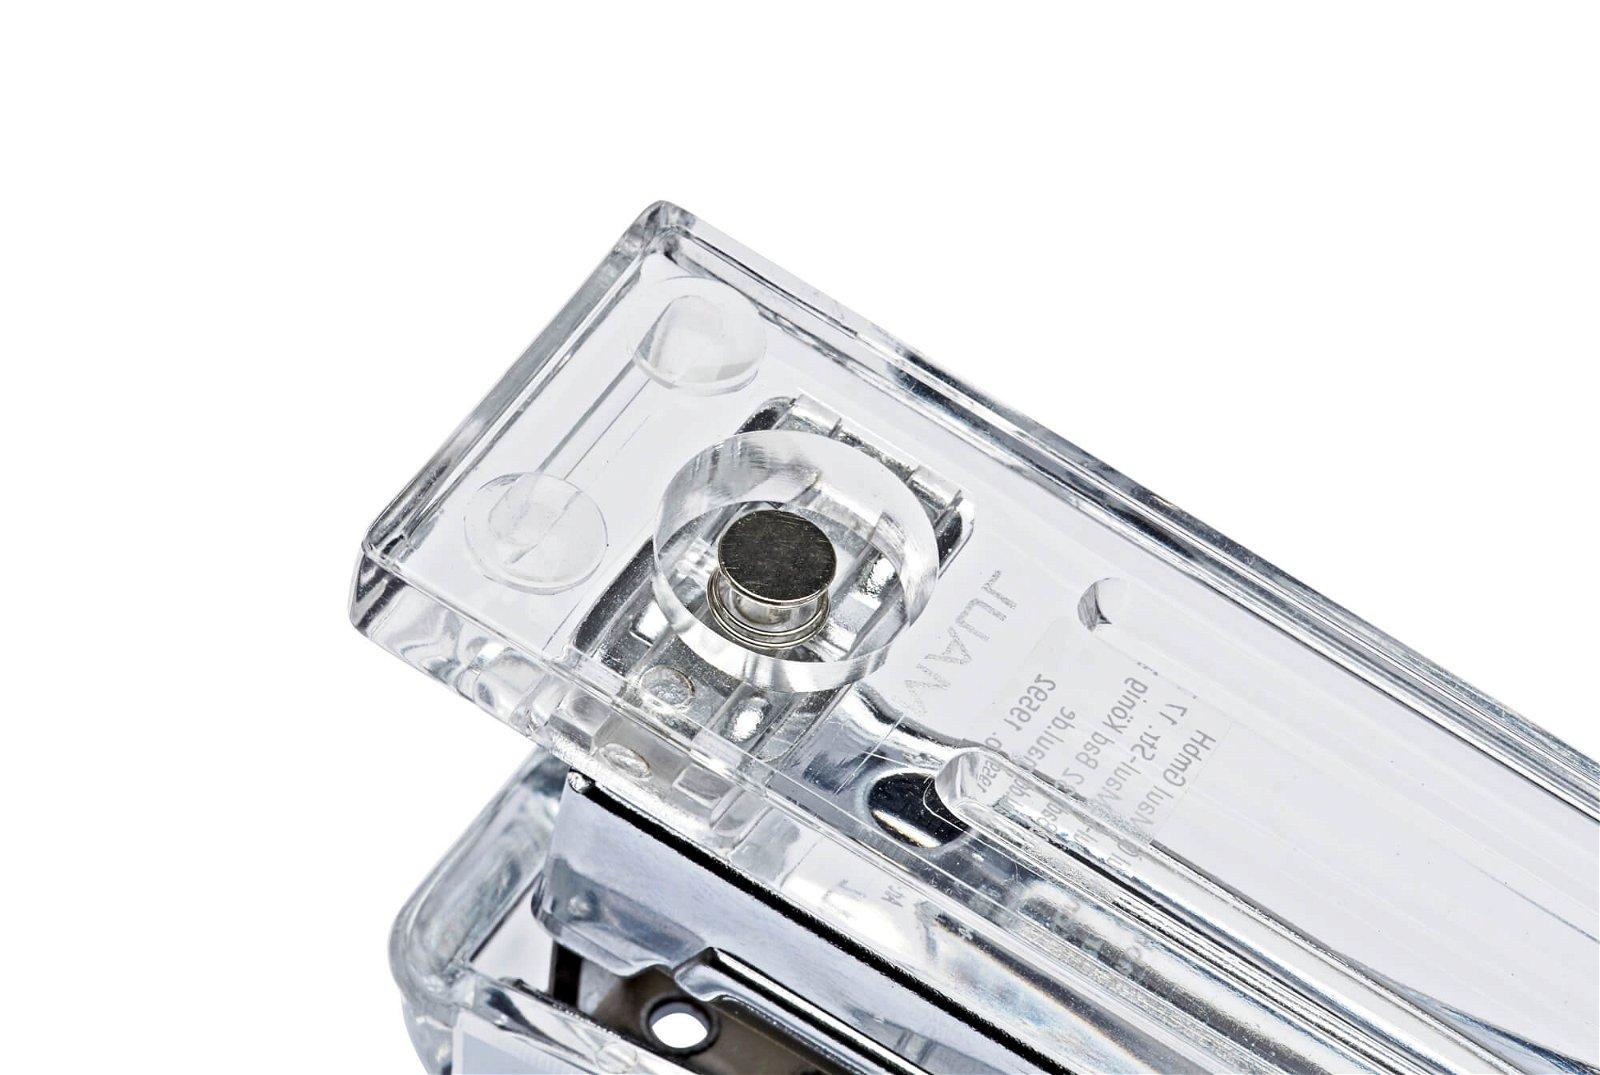 Acryl-Heftgerät für 24/6er und 26/6er Heftklammern, glasklar